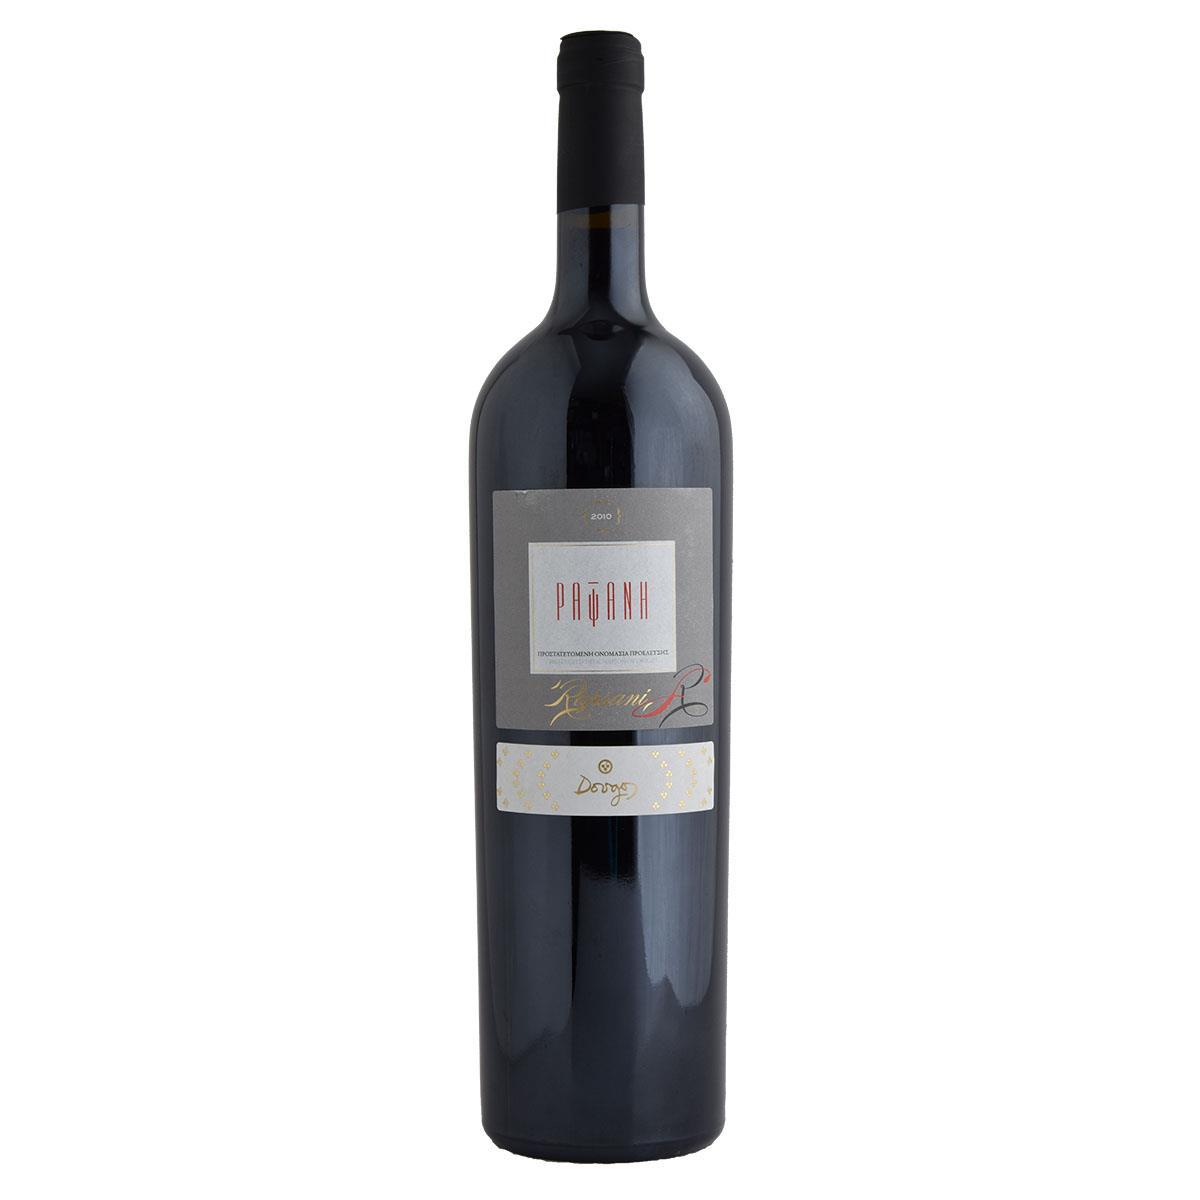 Ντούγκος Ραψάνη Old Vines 2013 1,5lt